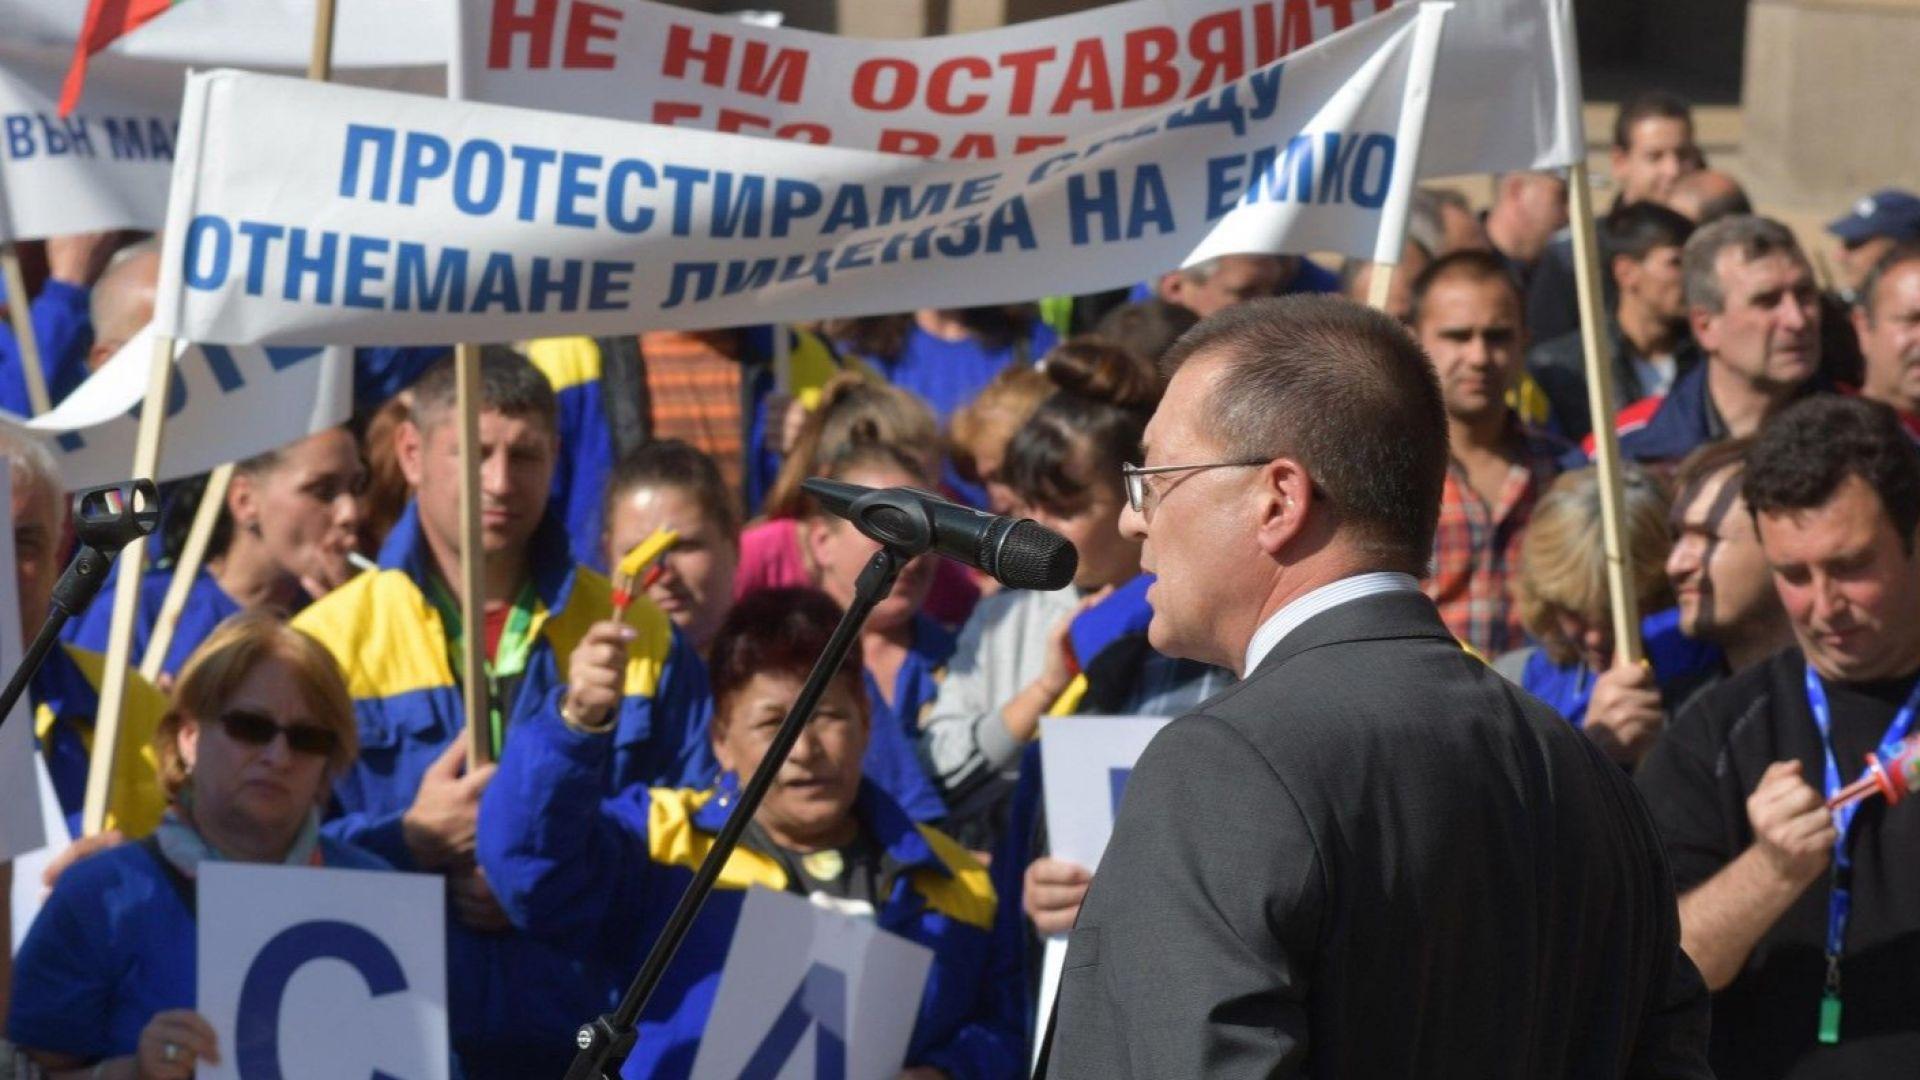 Бойко Ноев: Кремъл иска да разруши българската оръжейна индустрия